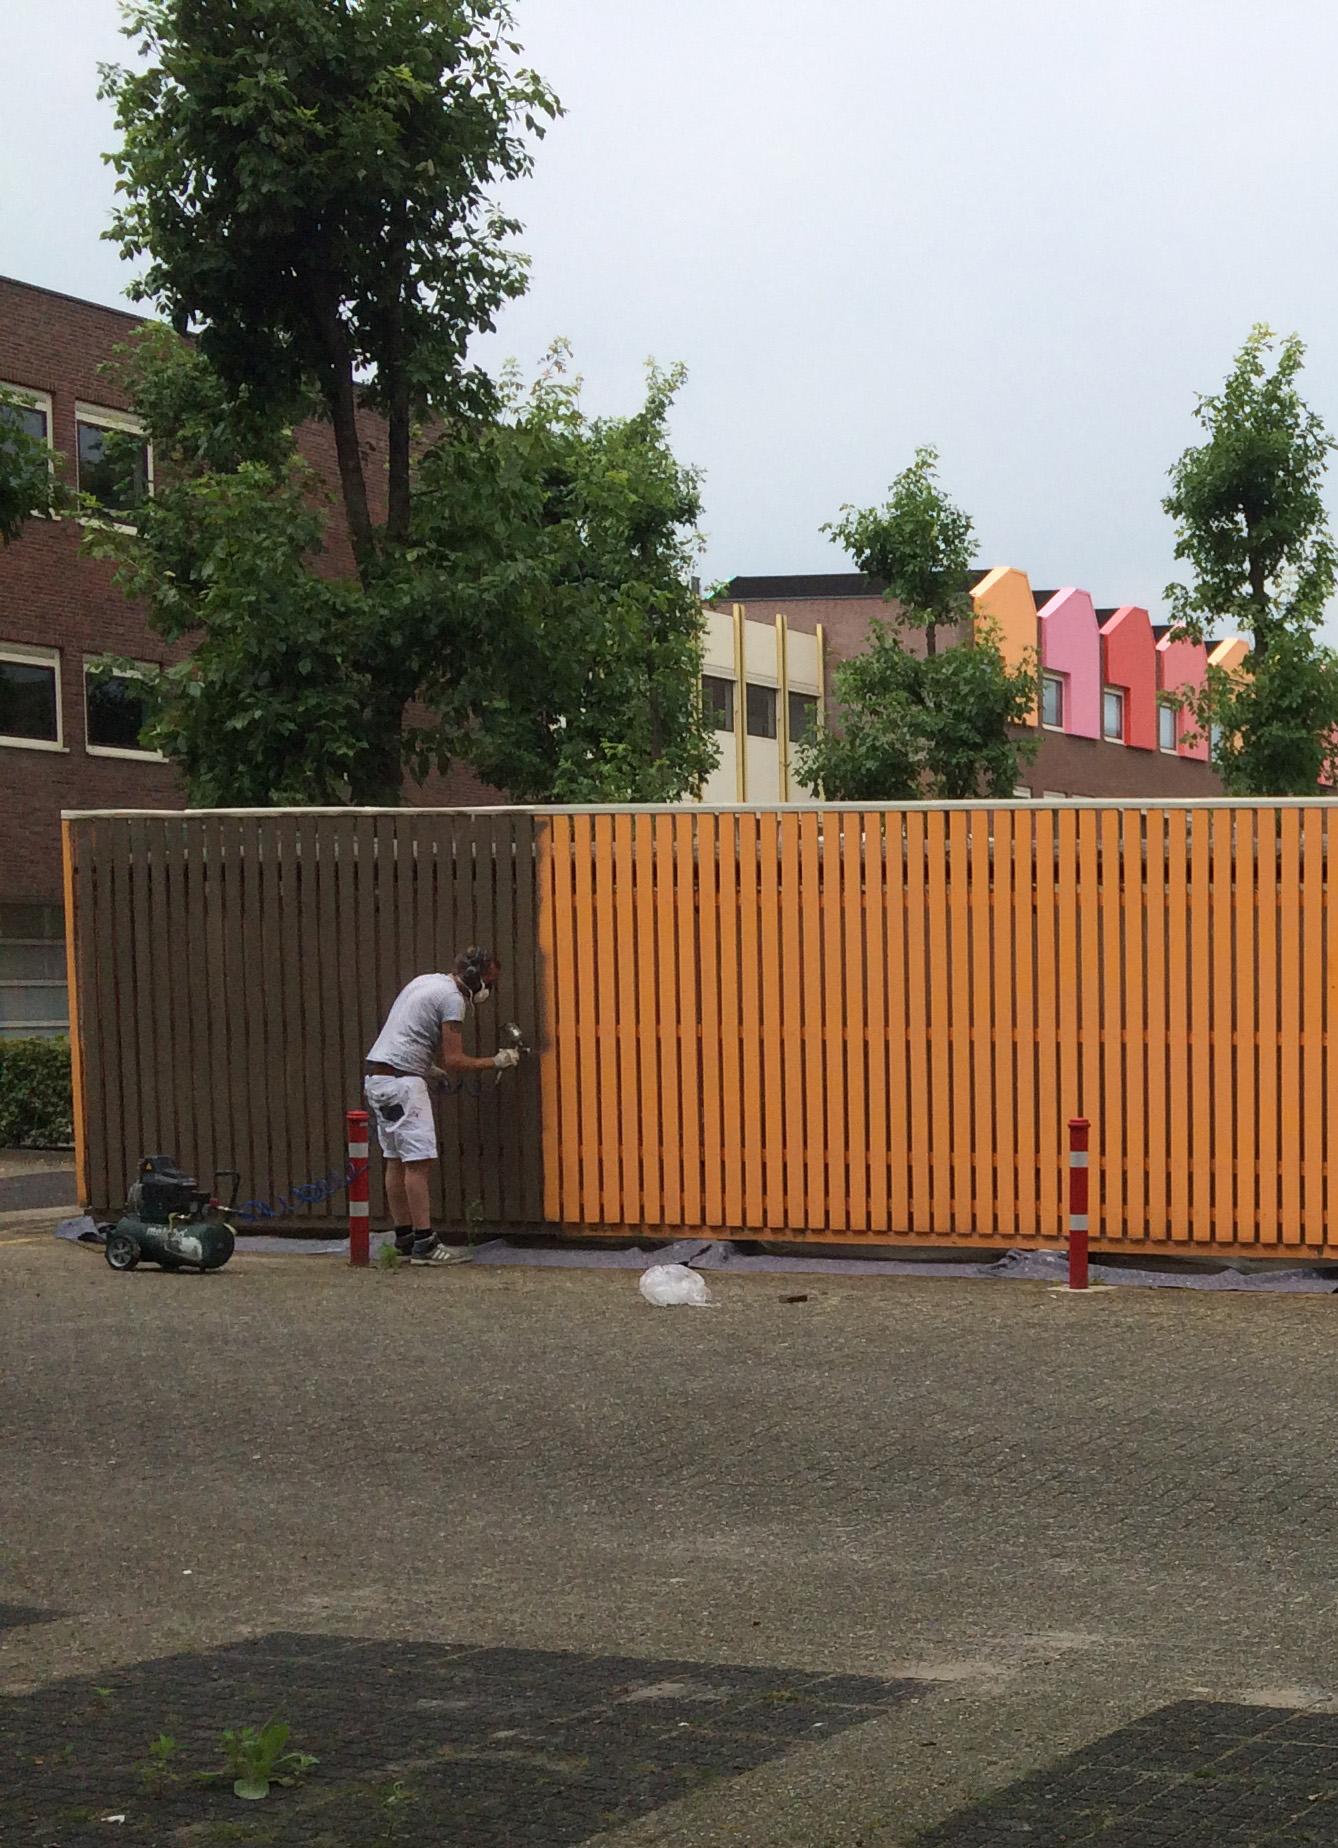 Meesters onderhoud schilder amsterdam diemen onderhoud for Uurloon schilder